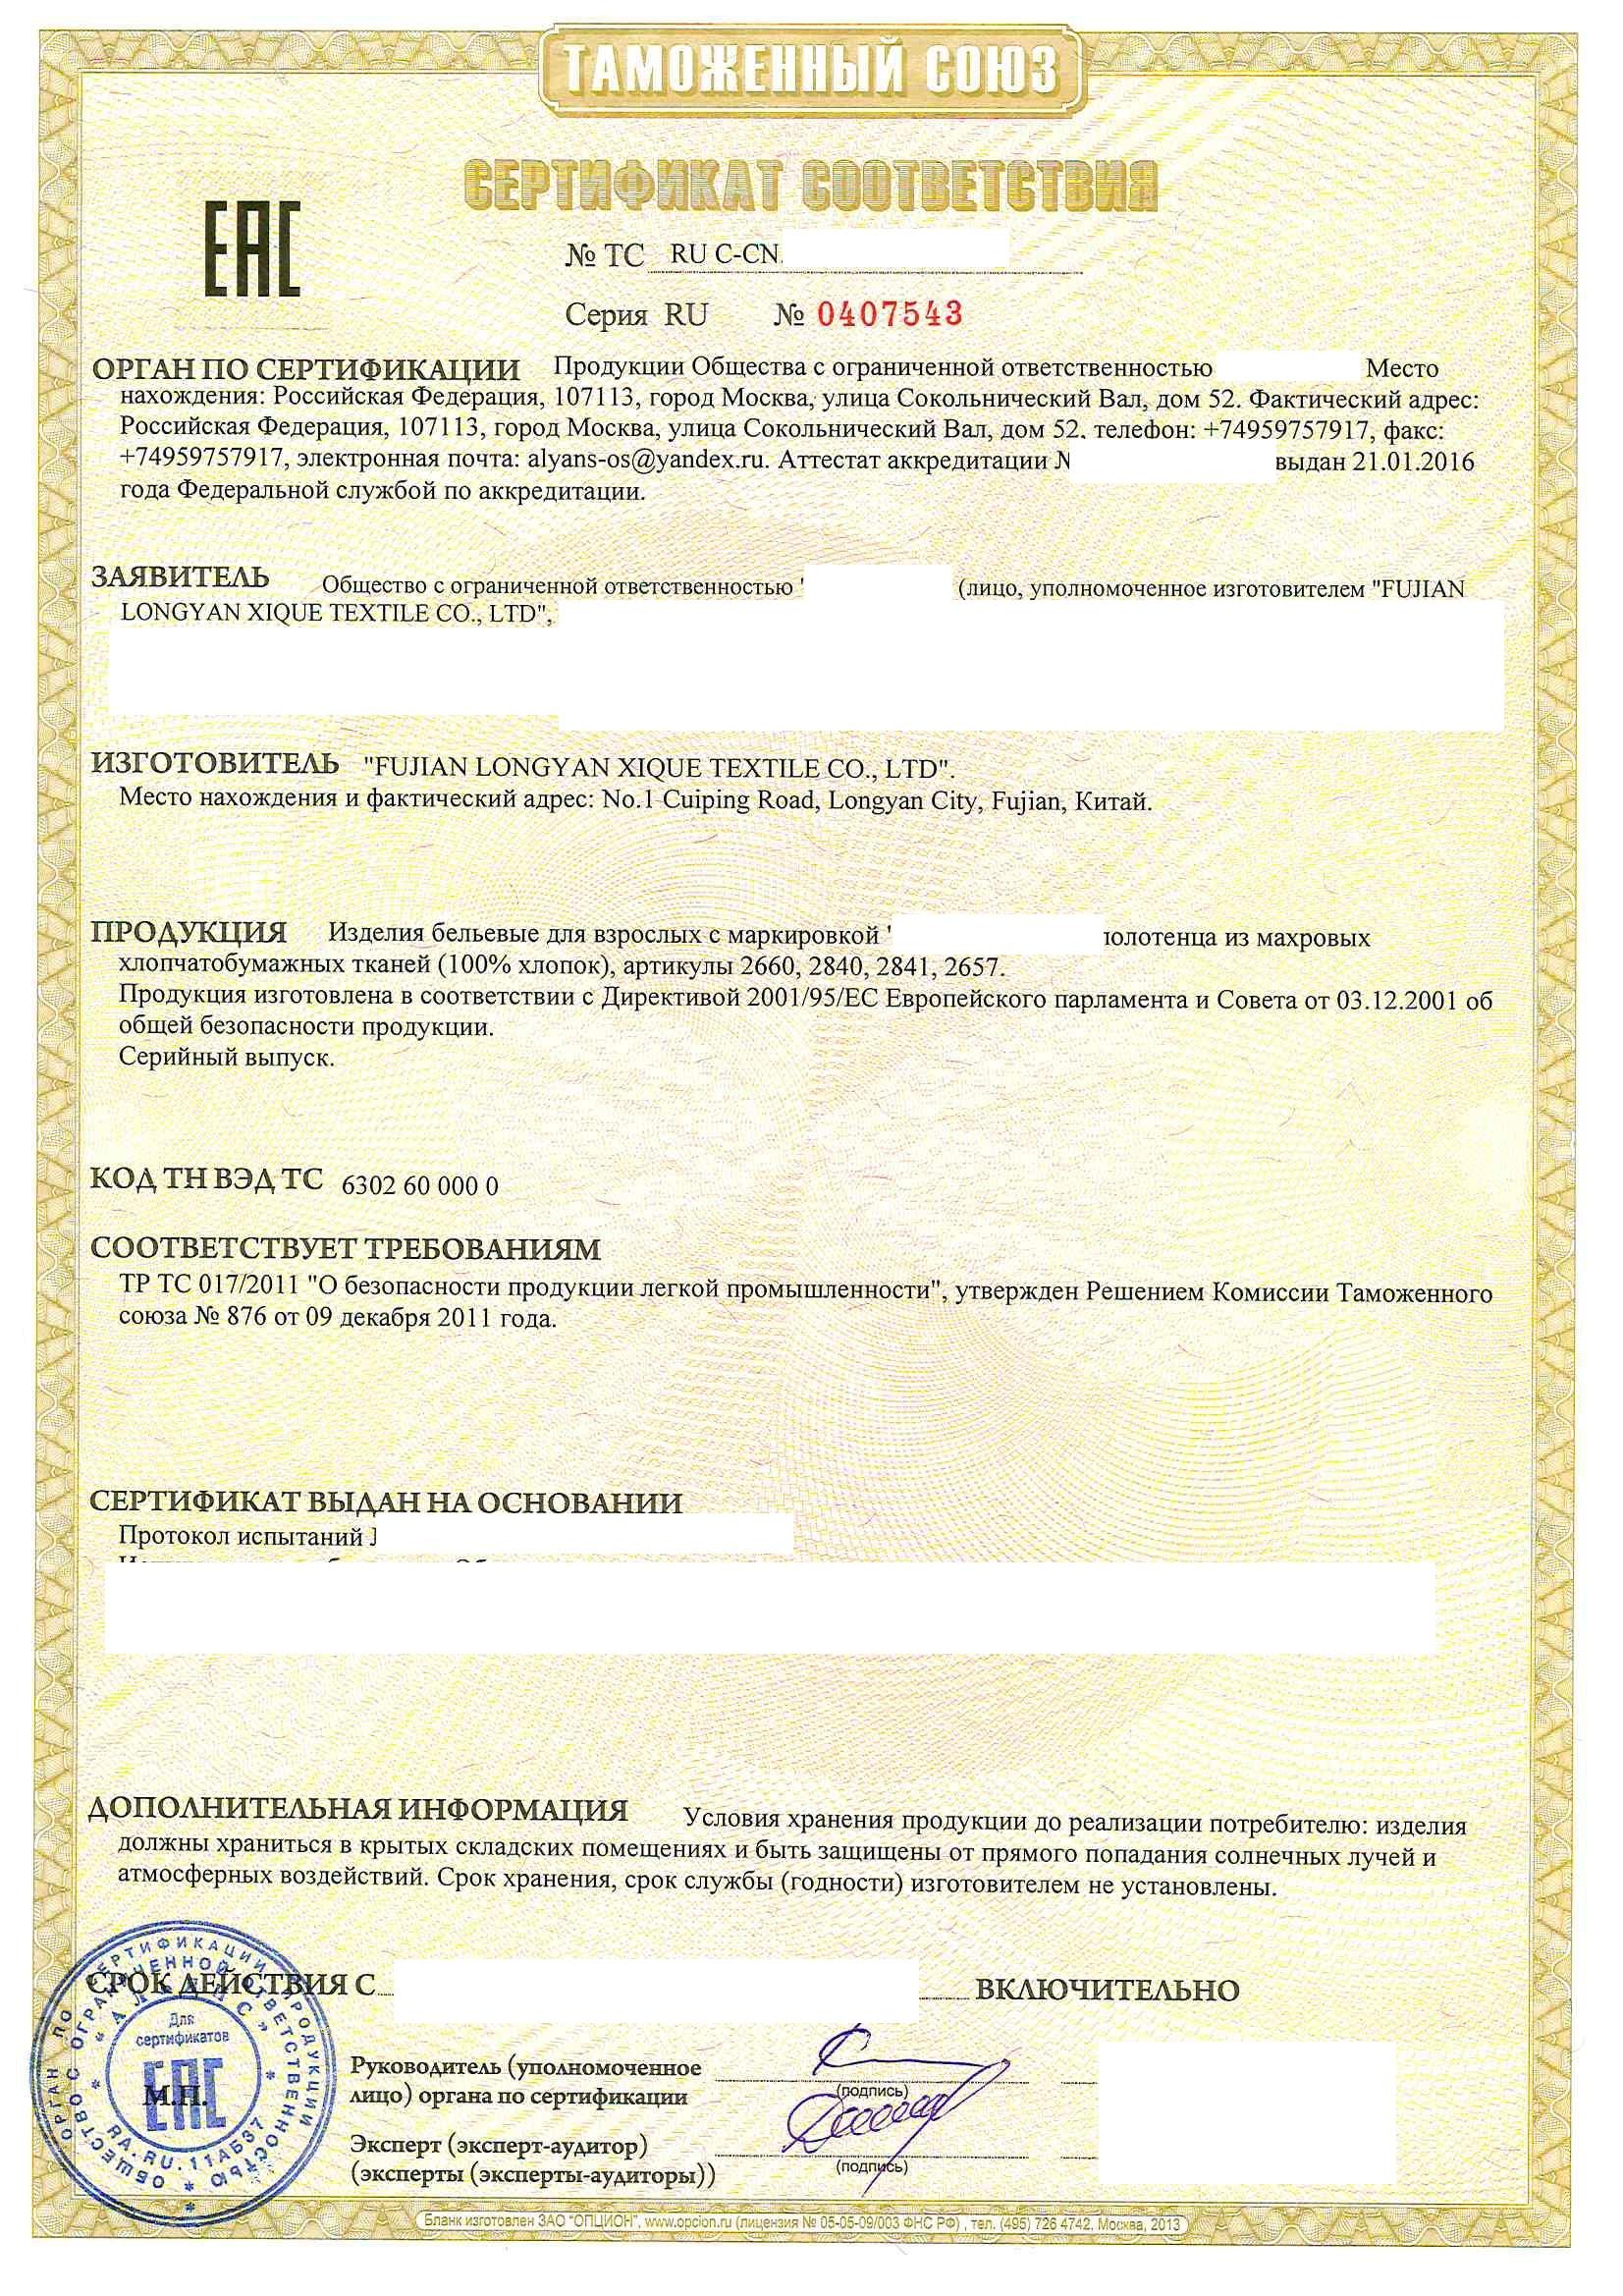 Ртел сертификация сертификация шин отменена